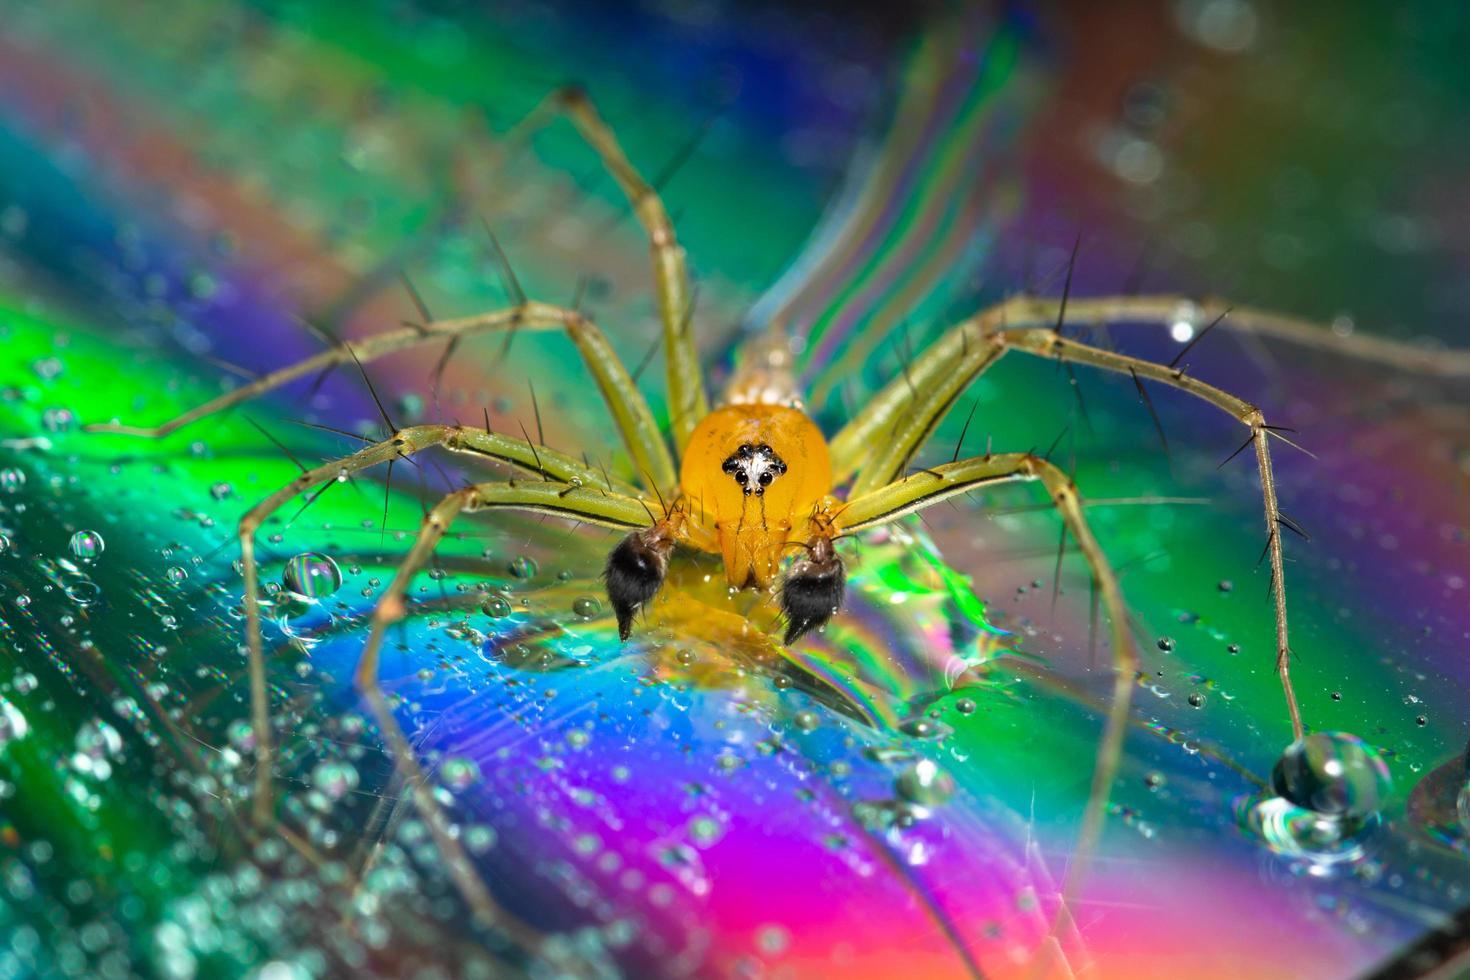 spin op een reflecterende achtergrond foto